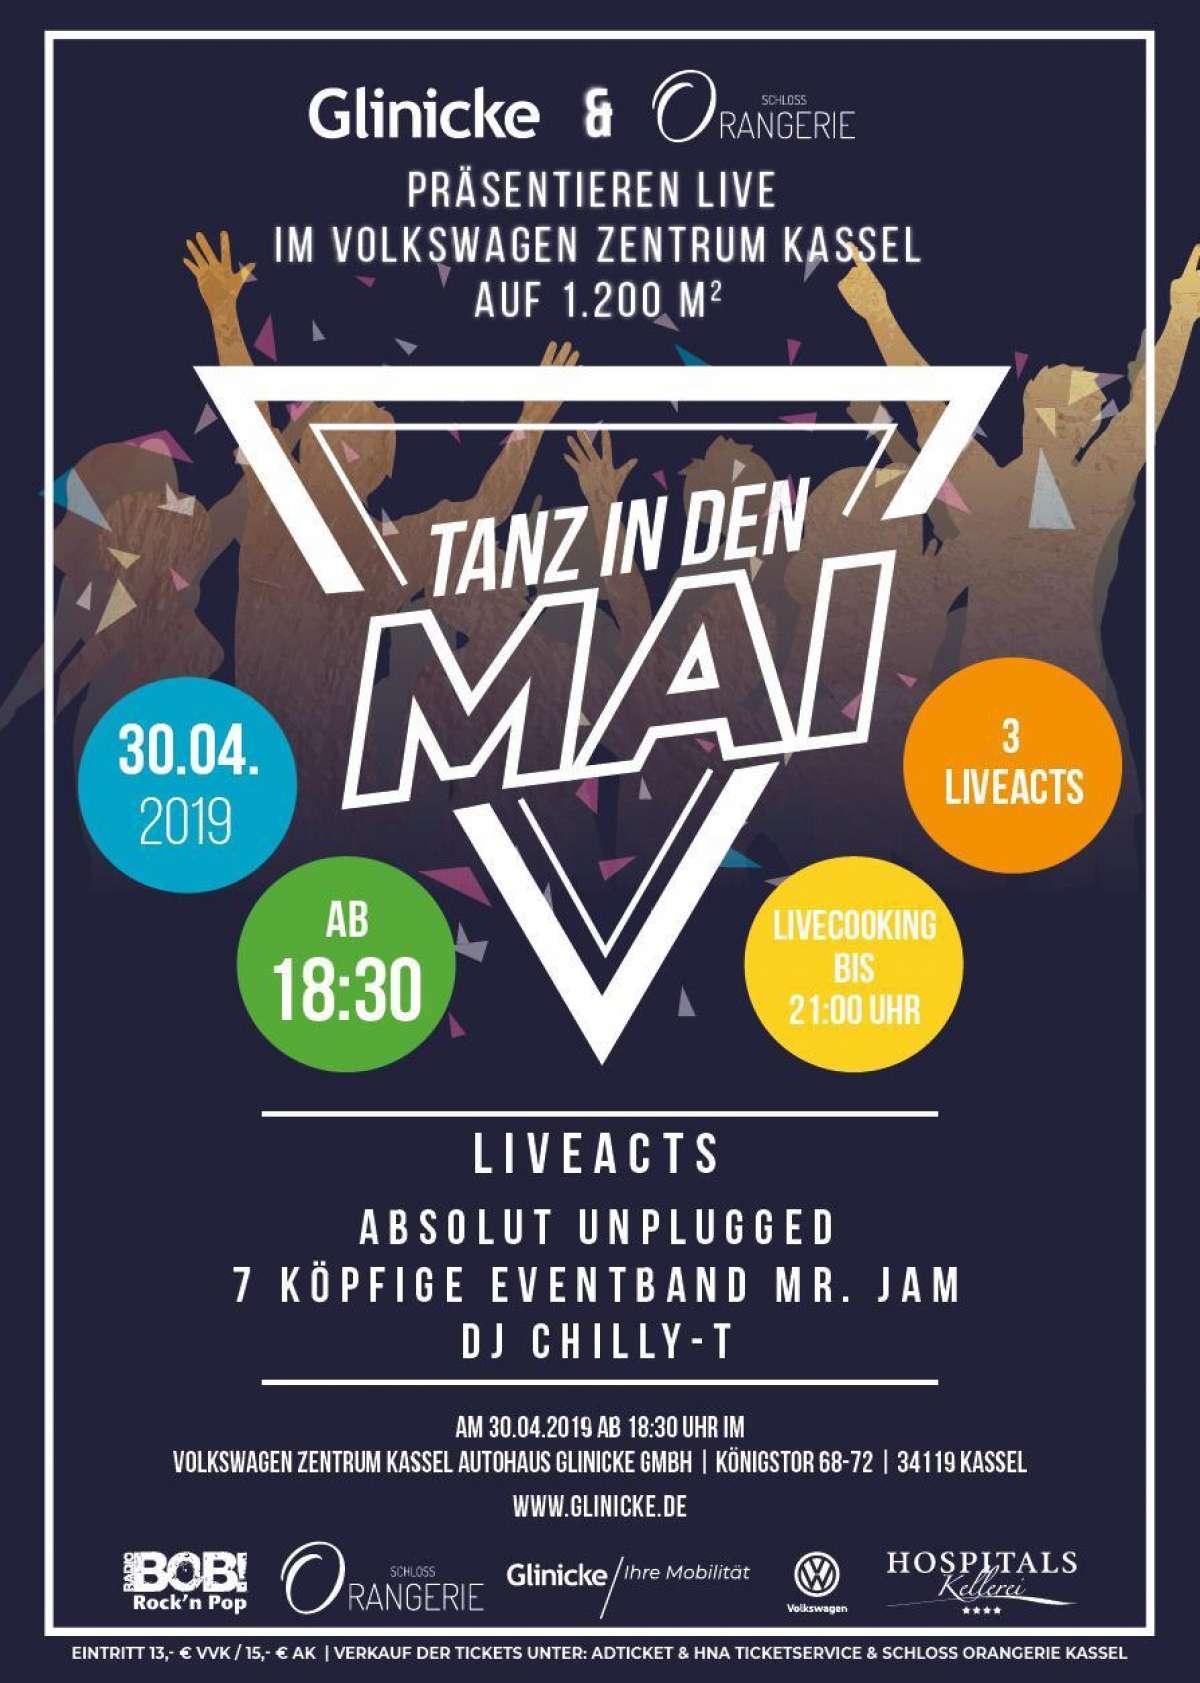 Ww-Terminator: Tanz in den Mai - Absolut Unplugged, Mr. Jam, DJ Chilly-T - Volkswagen Zentrum Kassel - Kassel